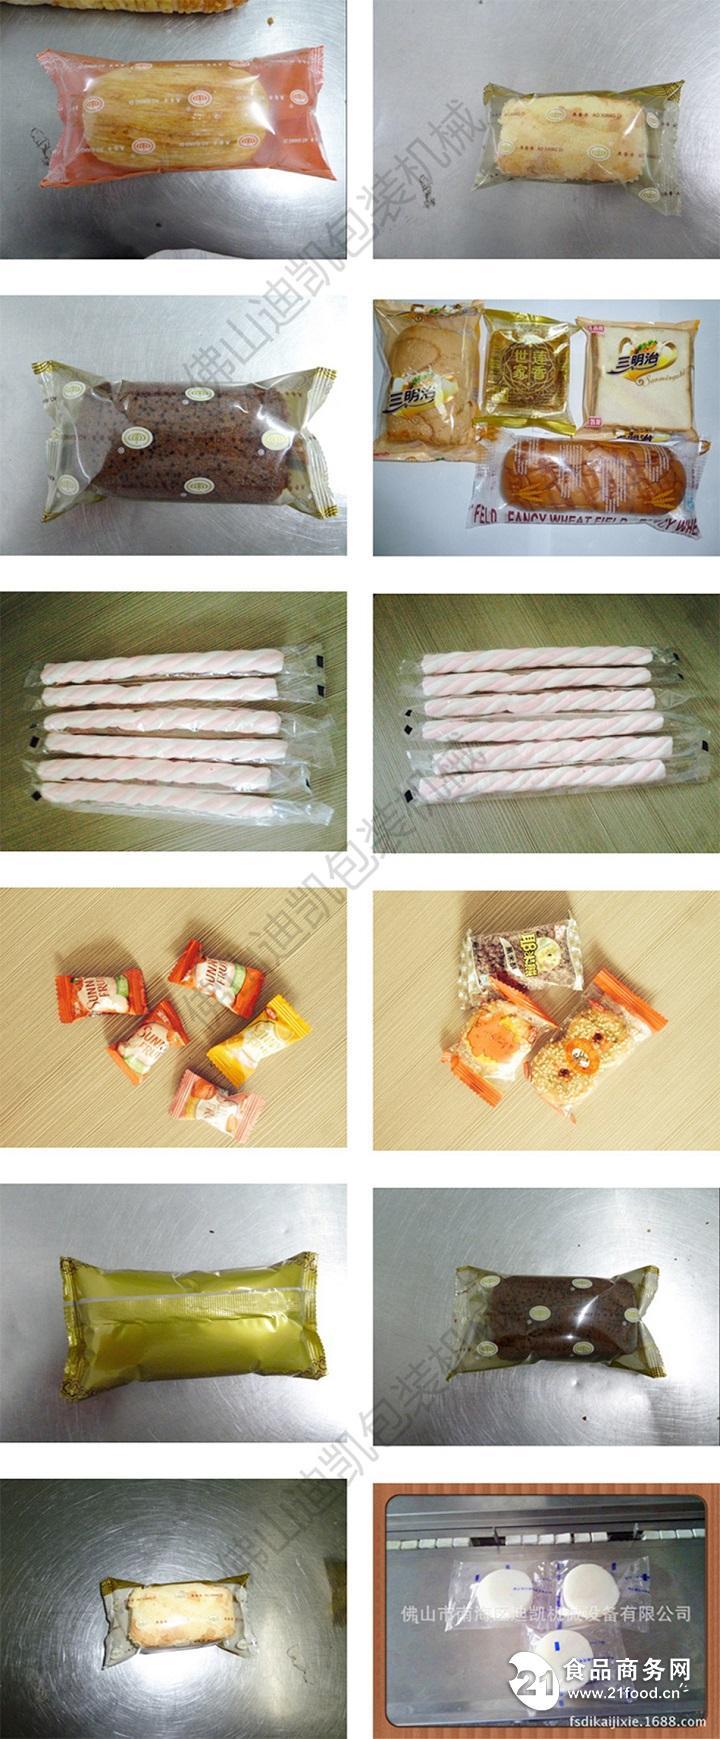 迪凯 休闲食品绿豆酥自动包装机 生产厂家直销